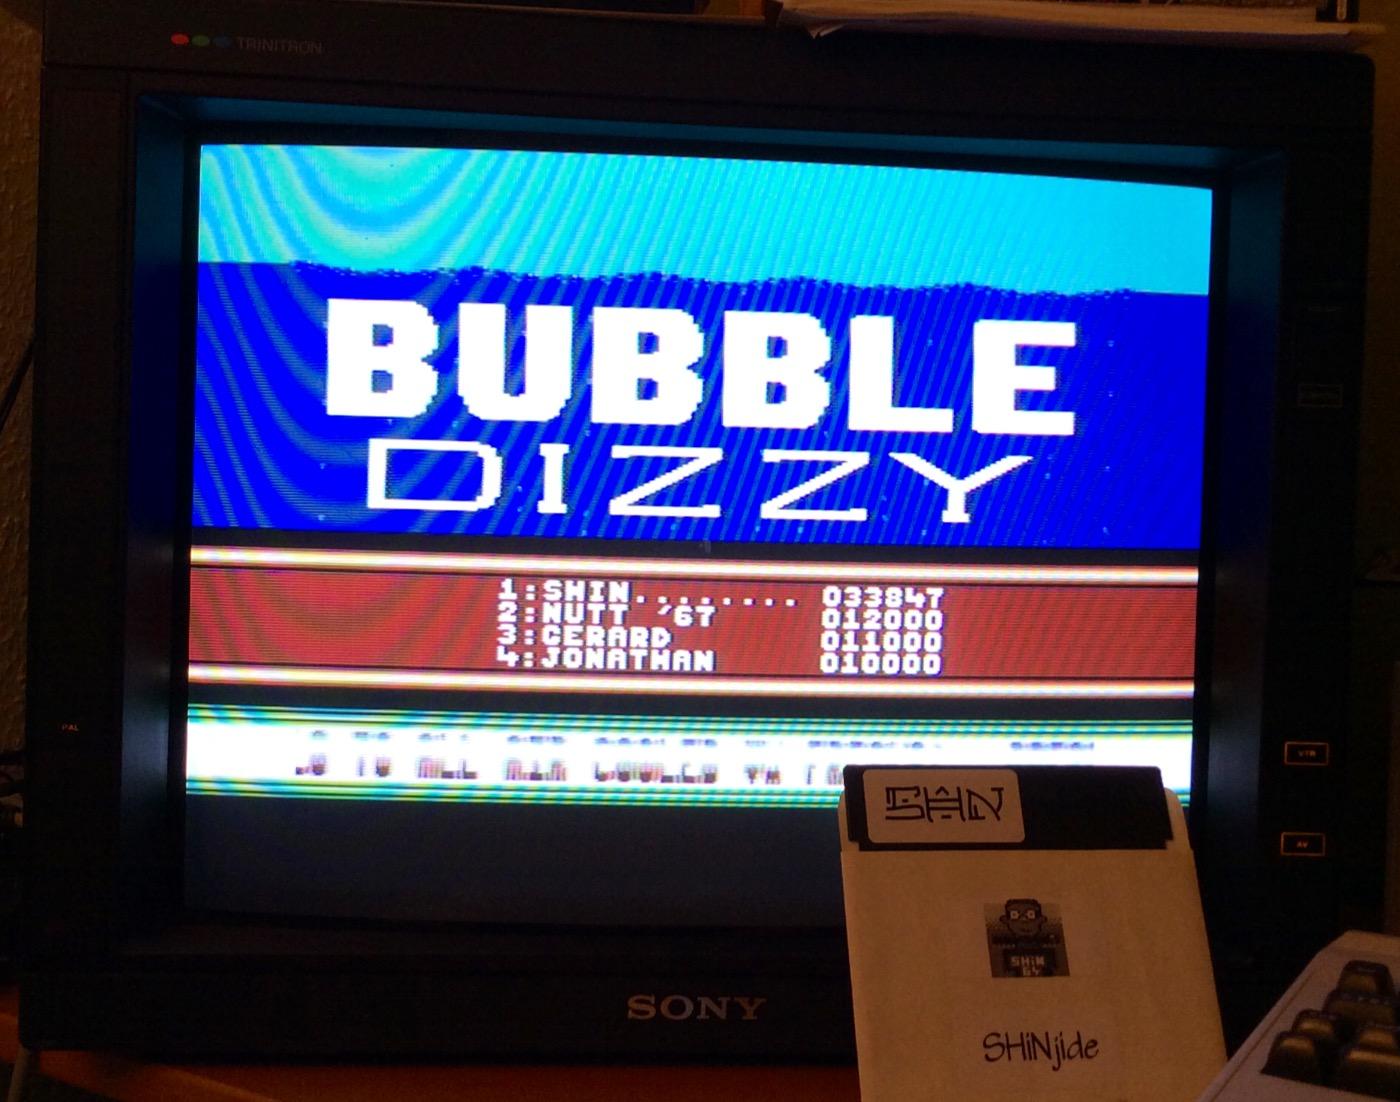 SHiNjide: Bubble Dizzy (Commodore 64) 33,847 points on 2015-01-11 04:20:04